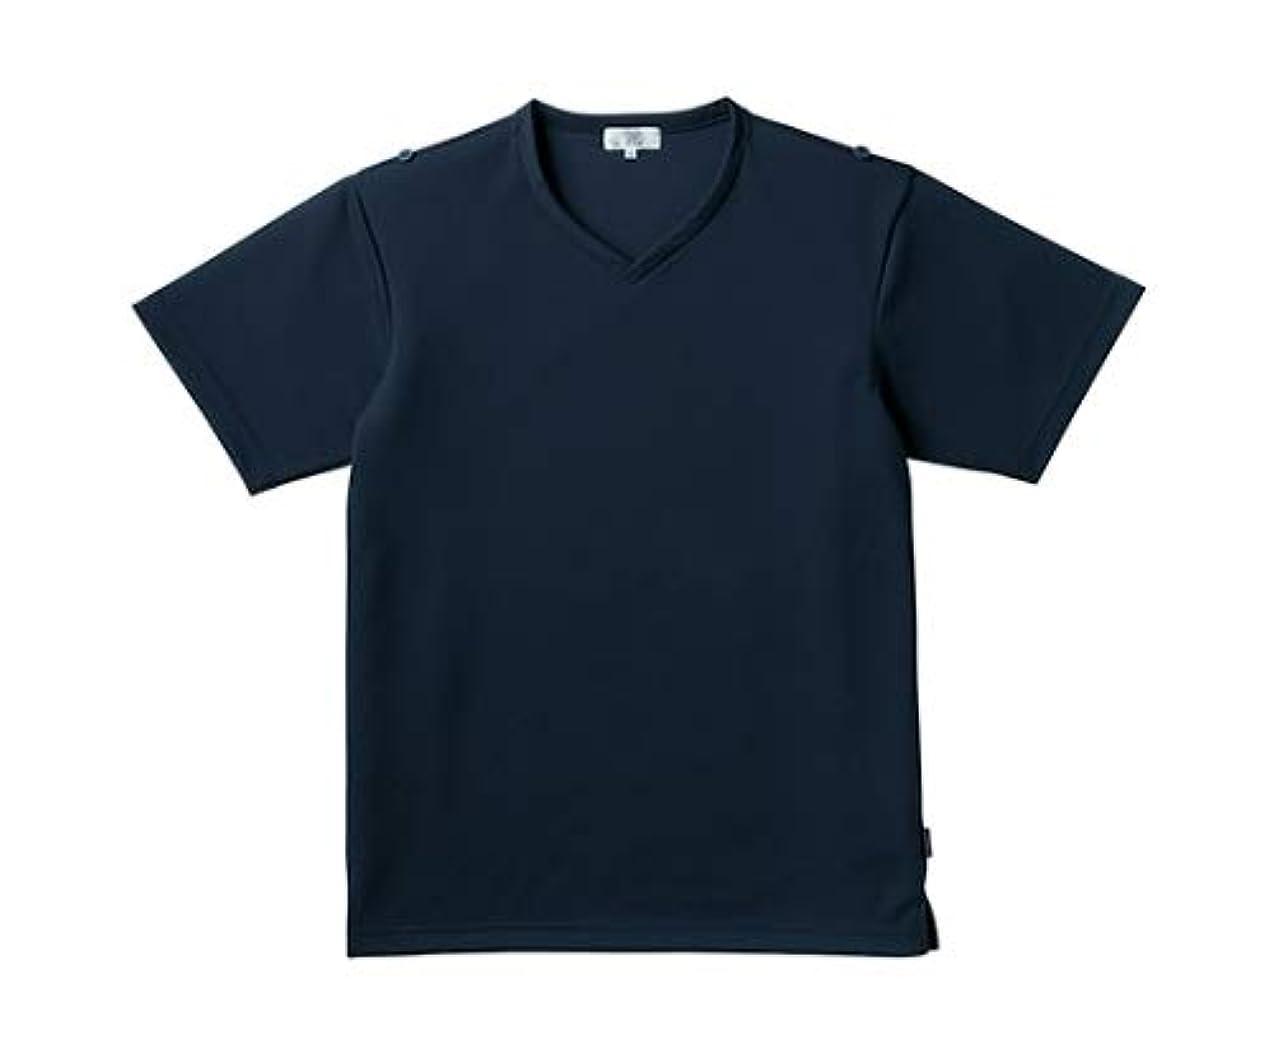 可能性句読点さておきトンボ/KIRAKU 入浴介助用シャツ CR160 M ネイビー